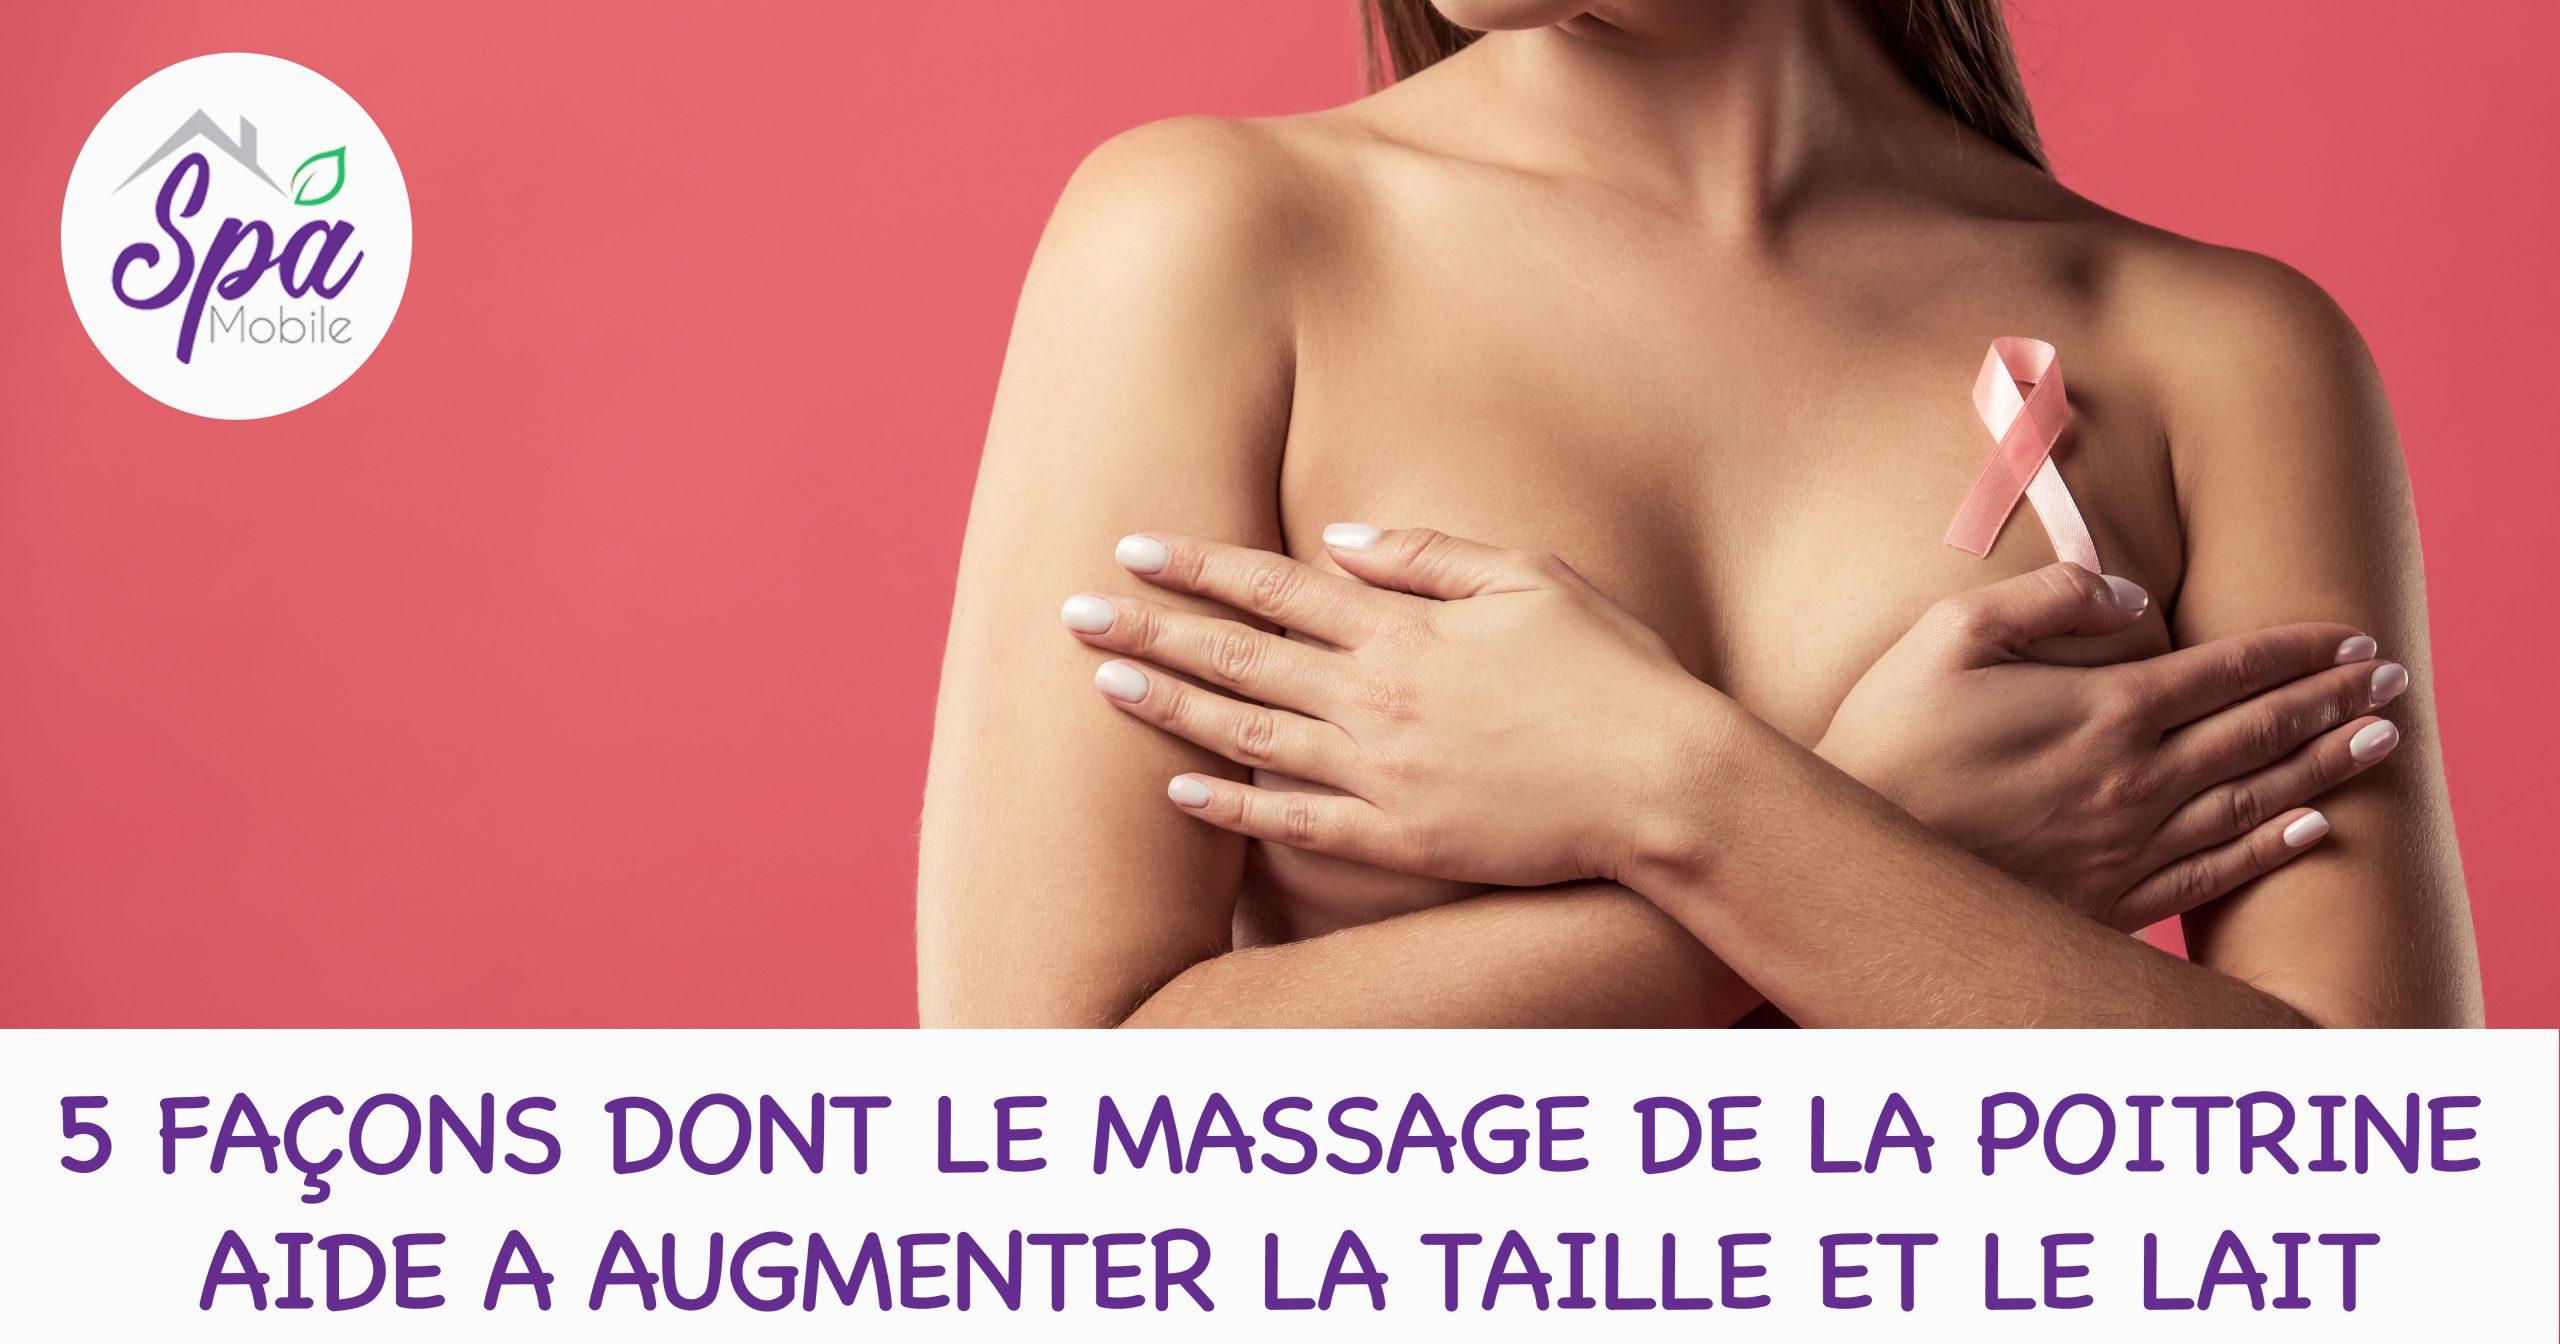 5 Façons Dont Le Massage De La Poitrine Aide A Augmenter La Taille Et Le Lait